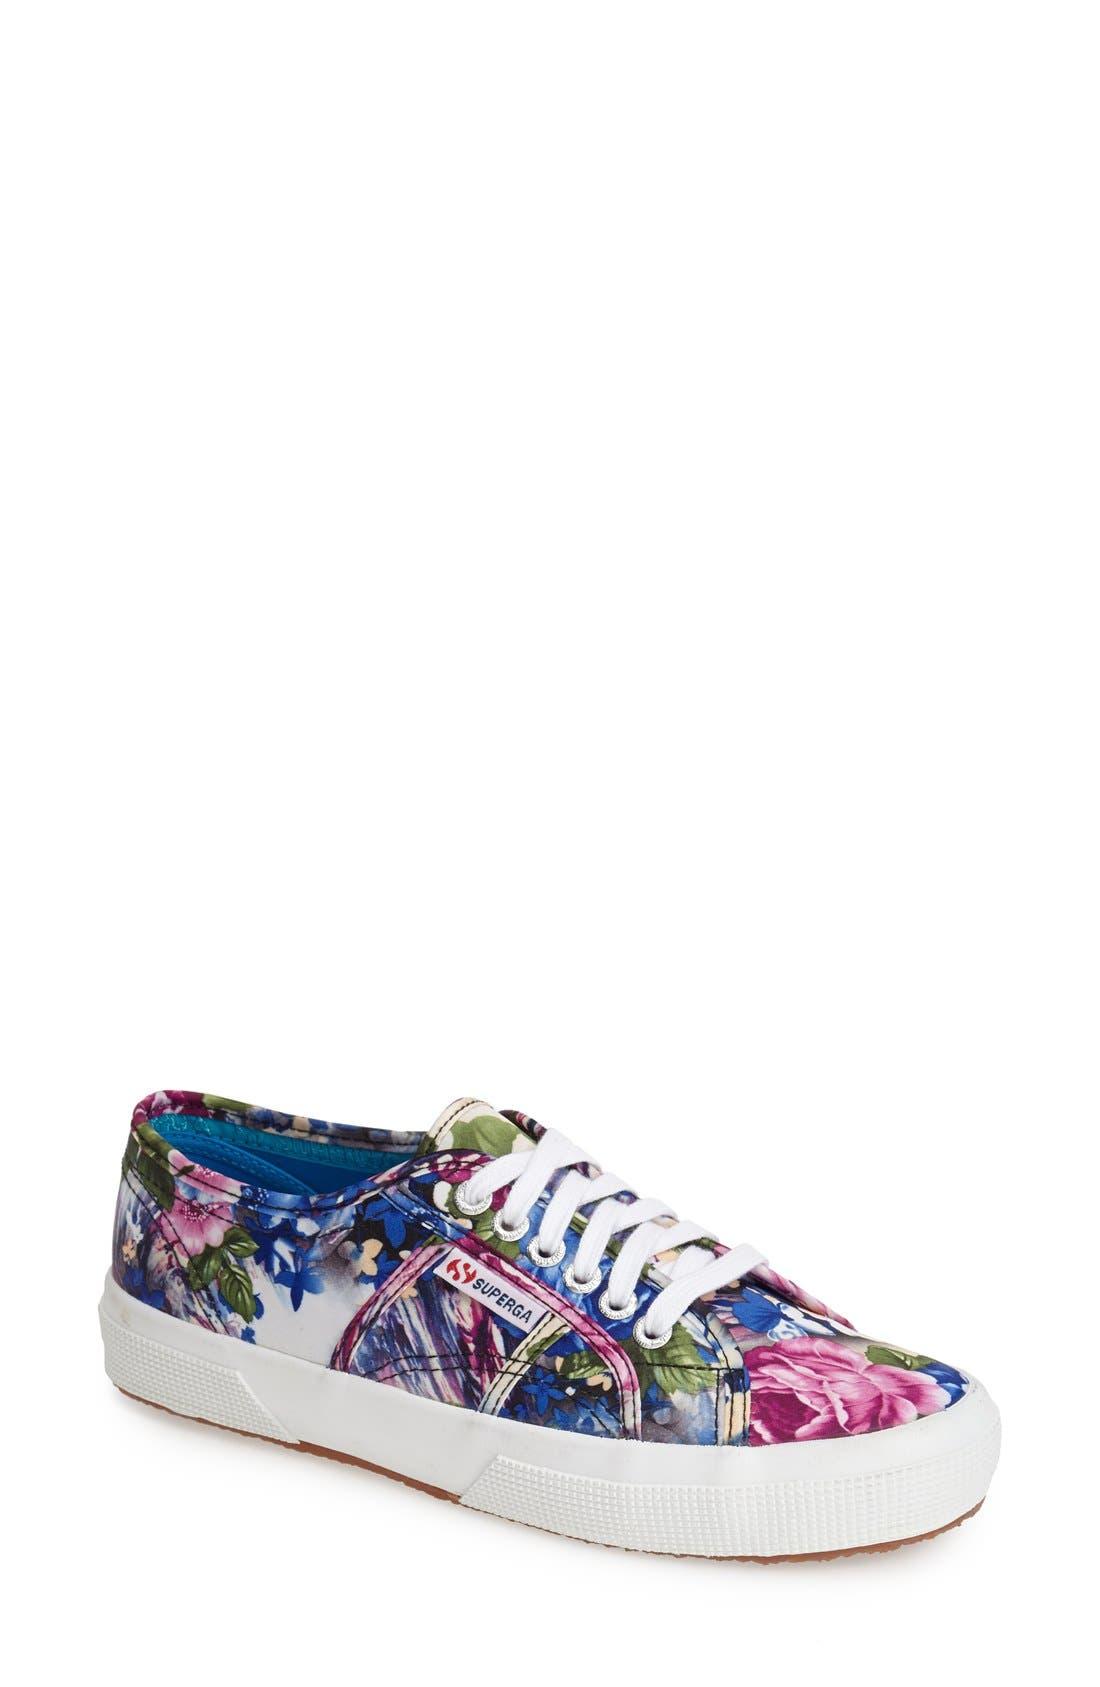 Main Image - Superga 'Cotu' Floral Print Sneaker (Women)